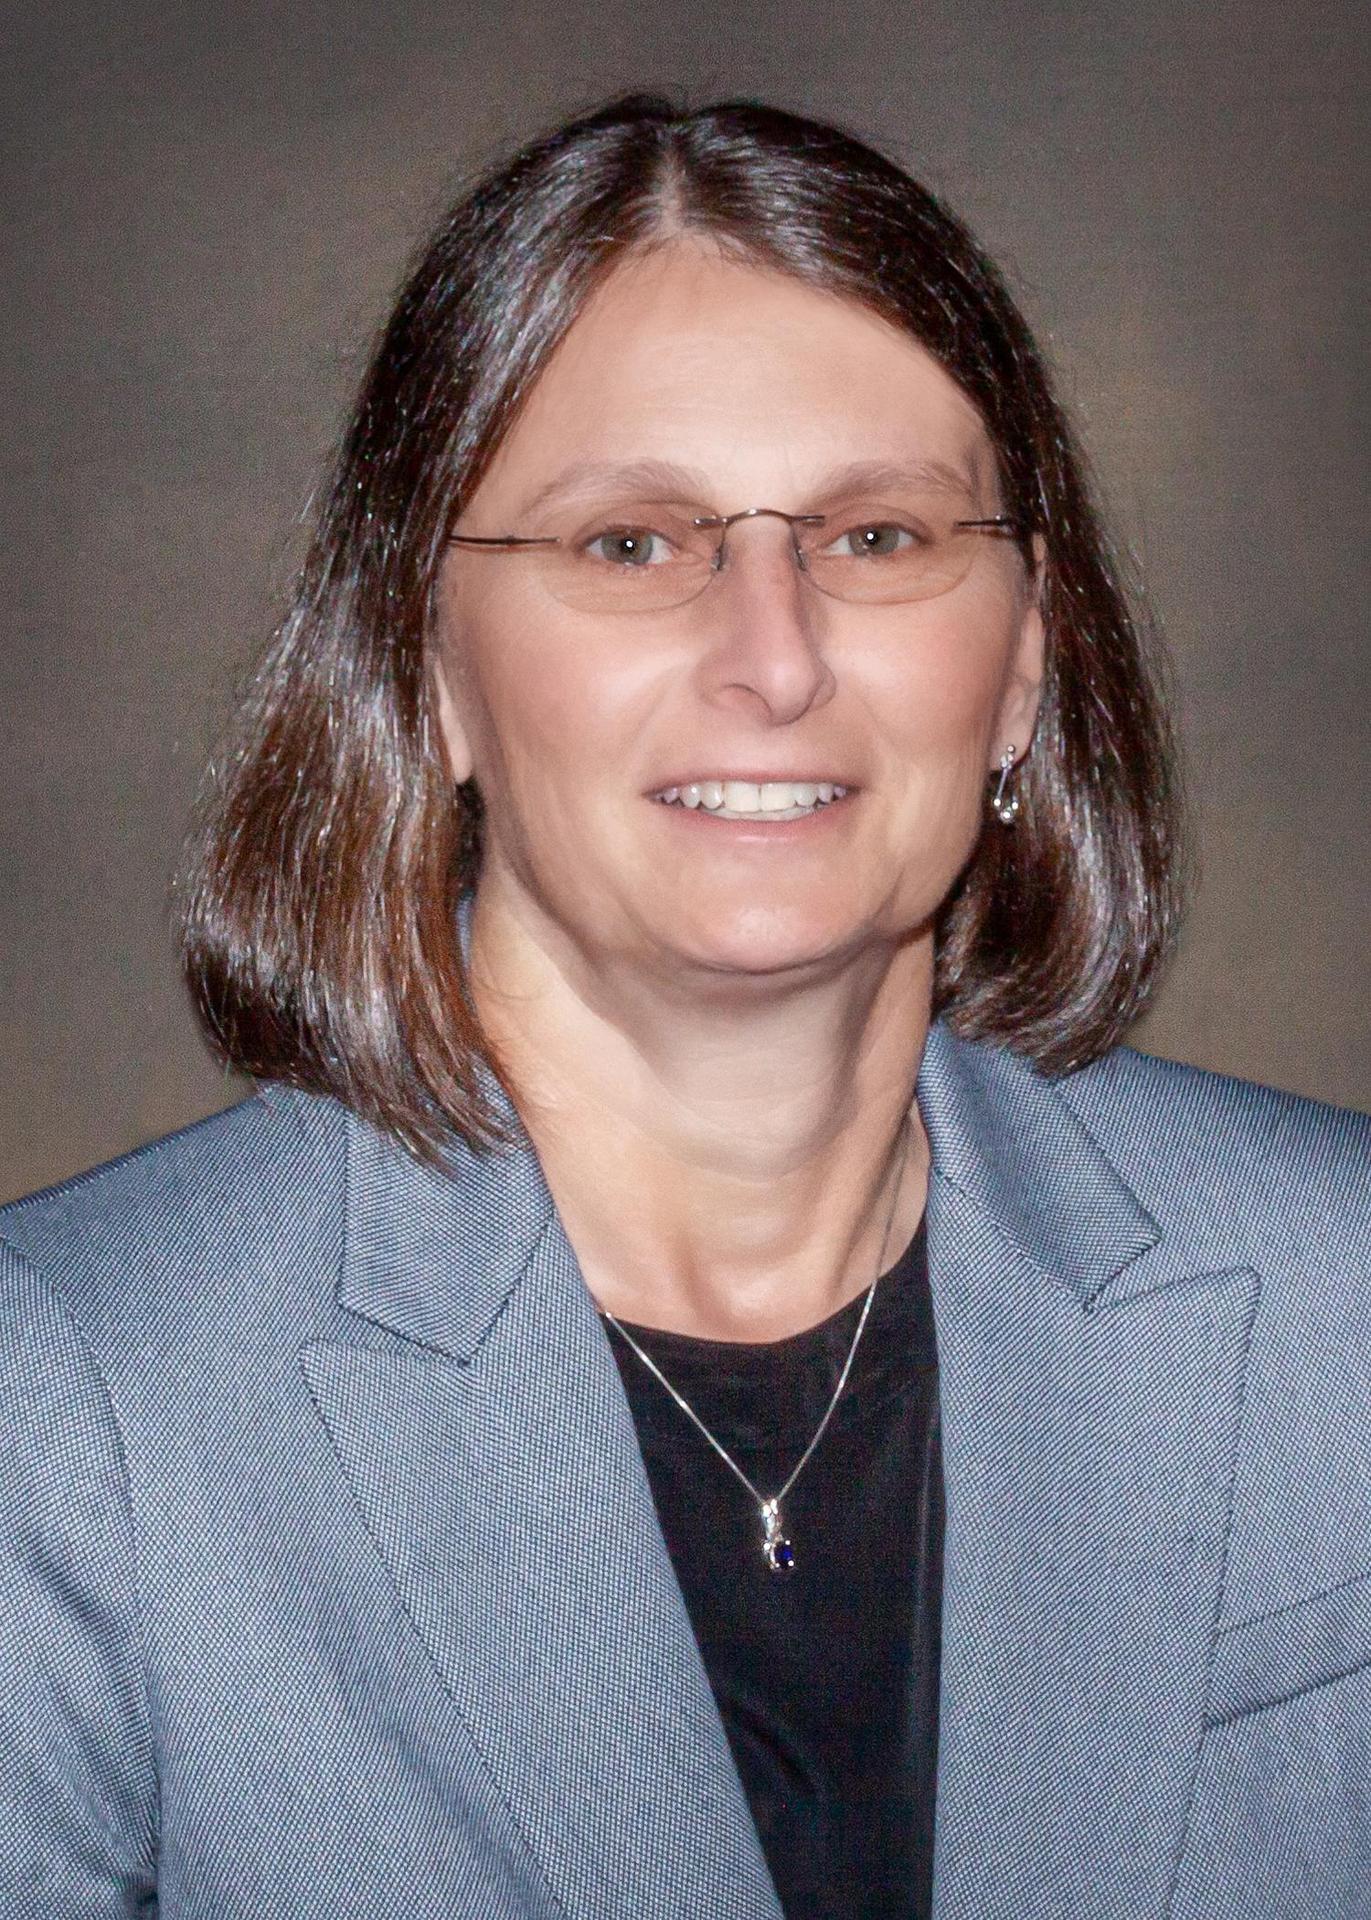 Rhonda Lamm